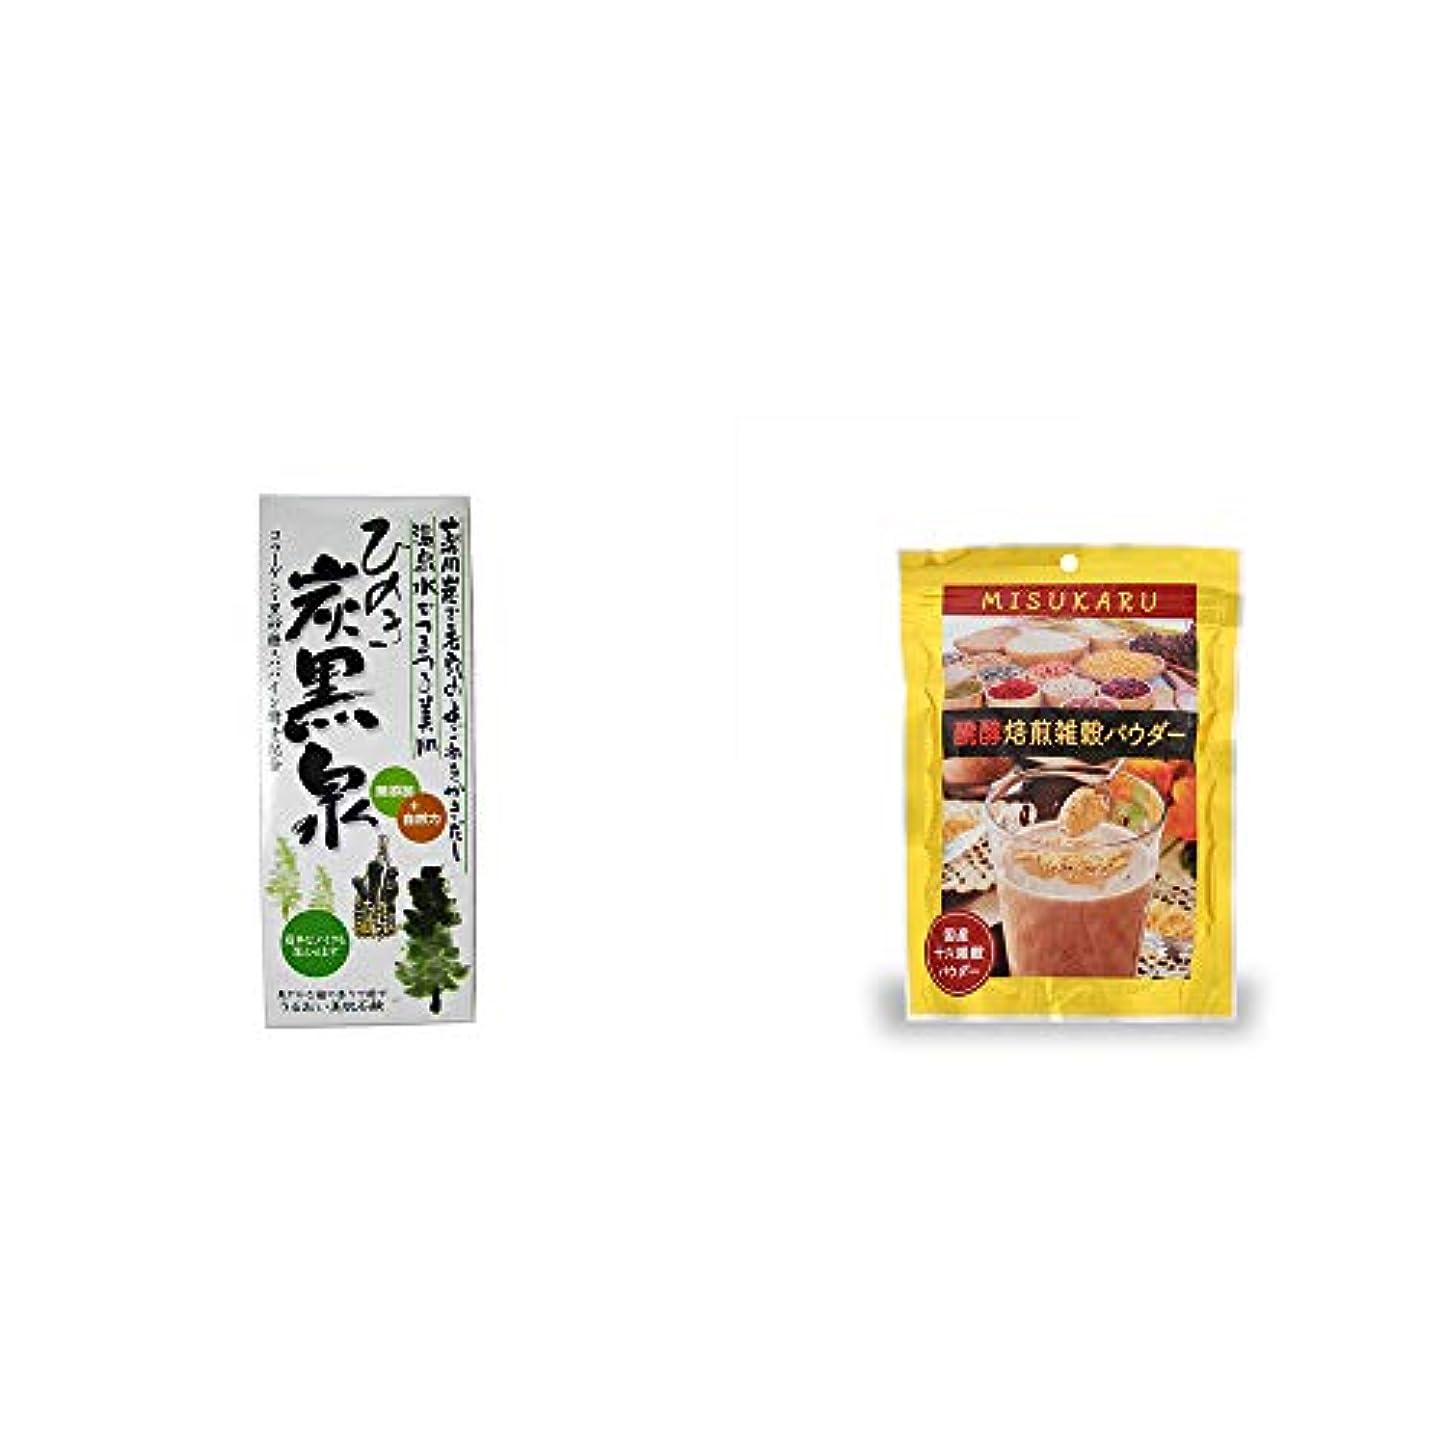 ワット伝統的メナジェリー[2点セット] ひのき炭黒泉 箱入り(75g×3)?醗酵焙煎雑穀パウダー MISUKARU(ミスカル)(200g)